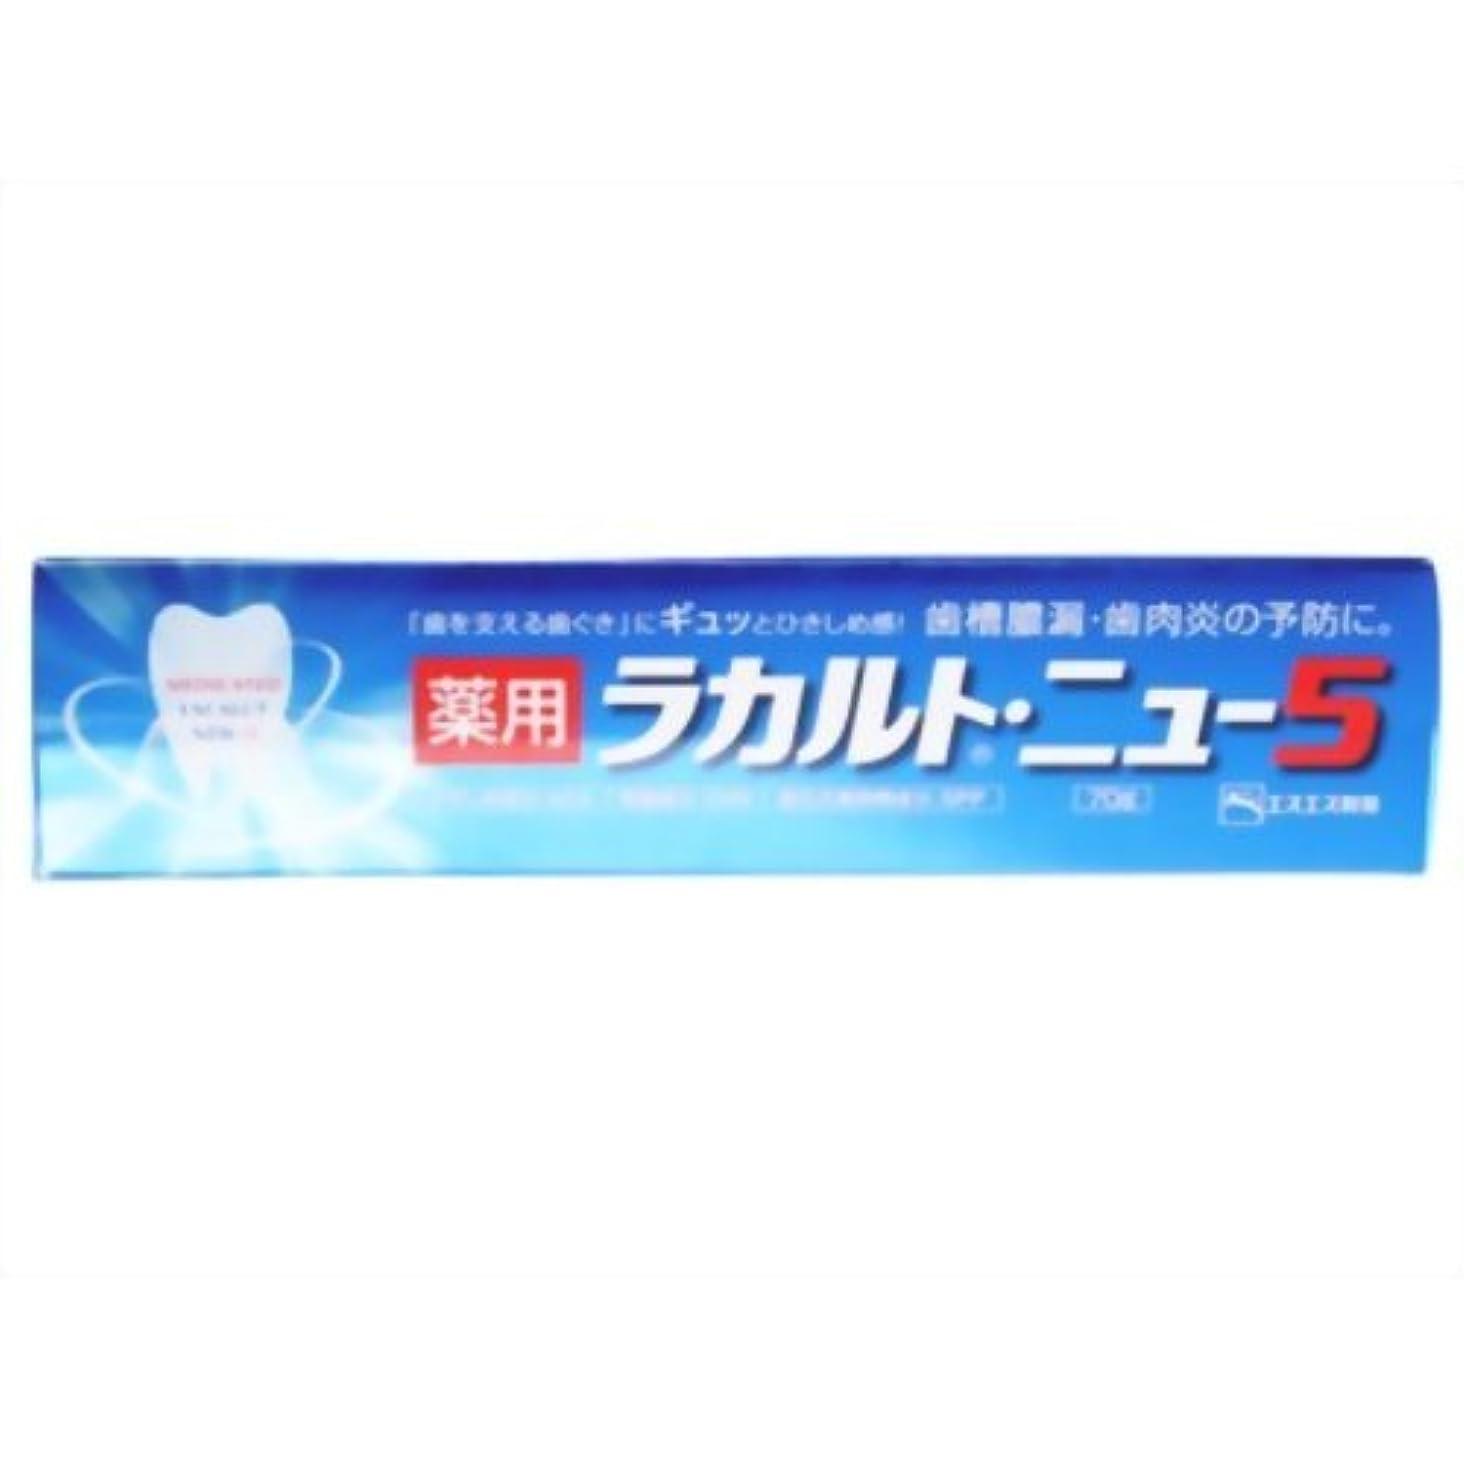 類似性カートンヒューム【エスエス製薬】薬用ラカルト・ニュー5 70g ×3個セット